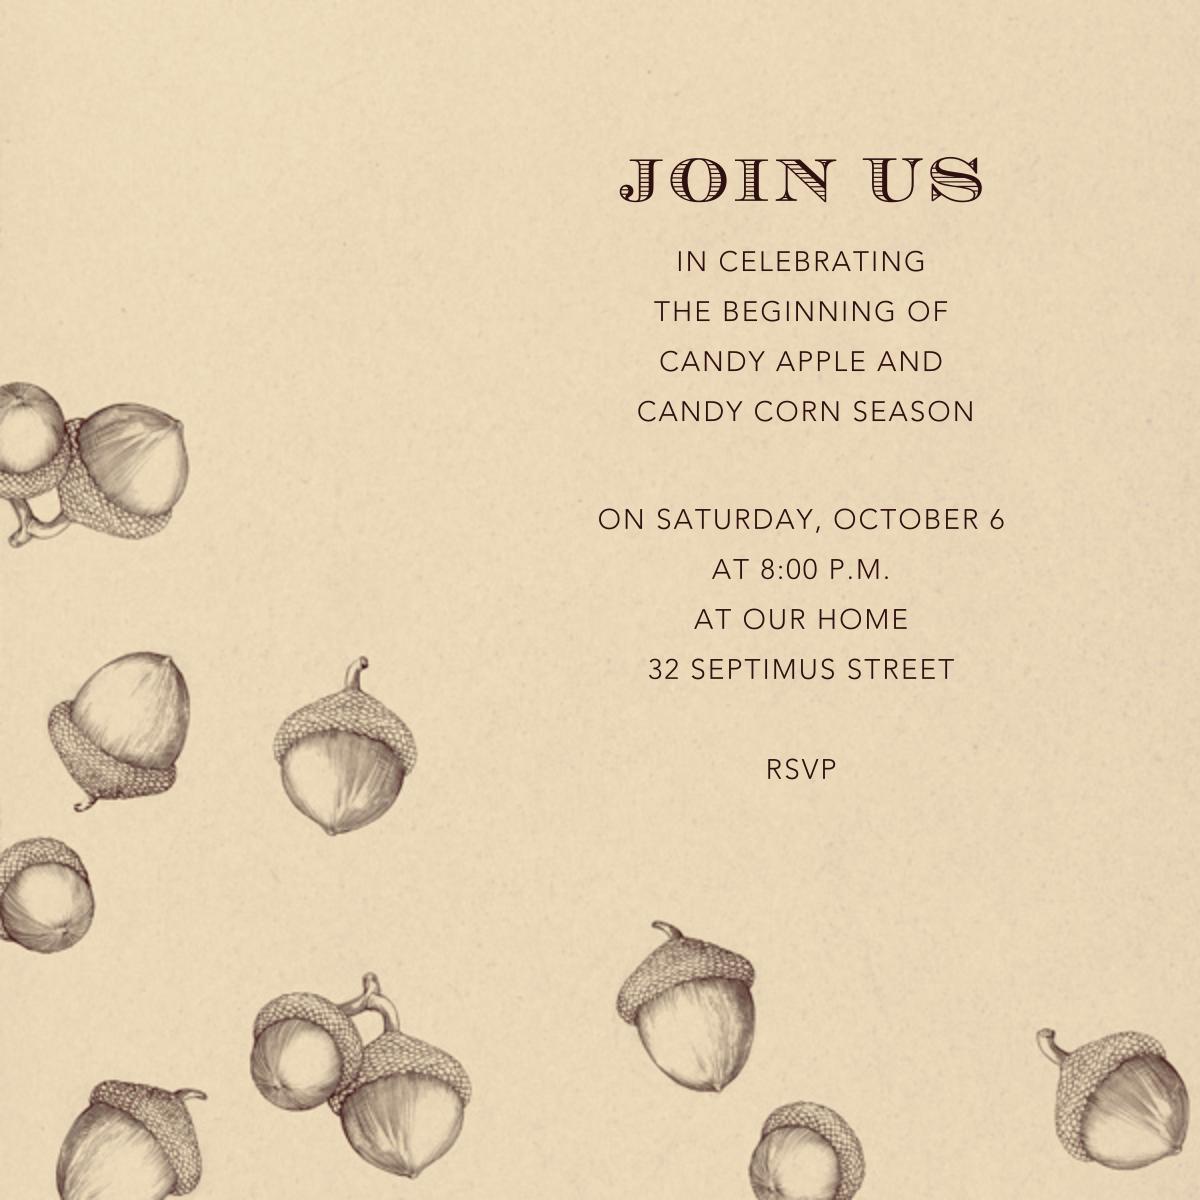 Acorns - Wheat - Paperless Post - Autumn entertaining